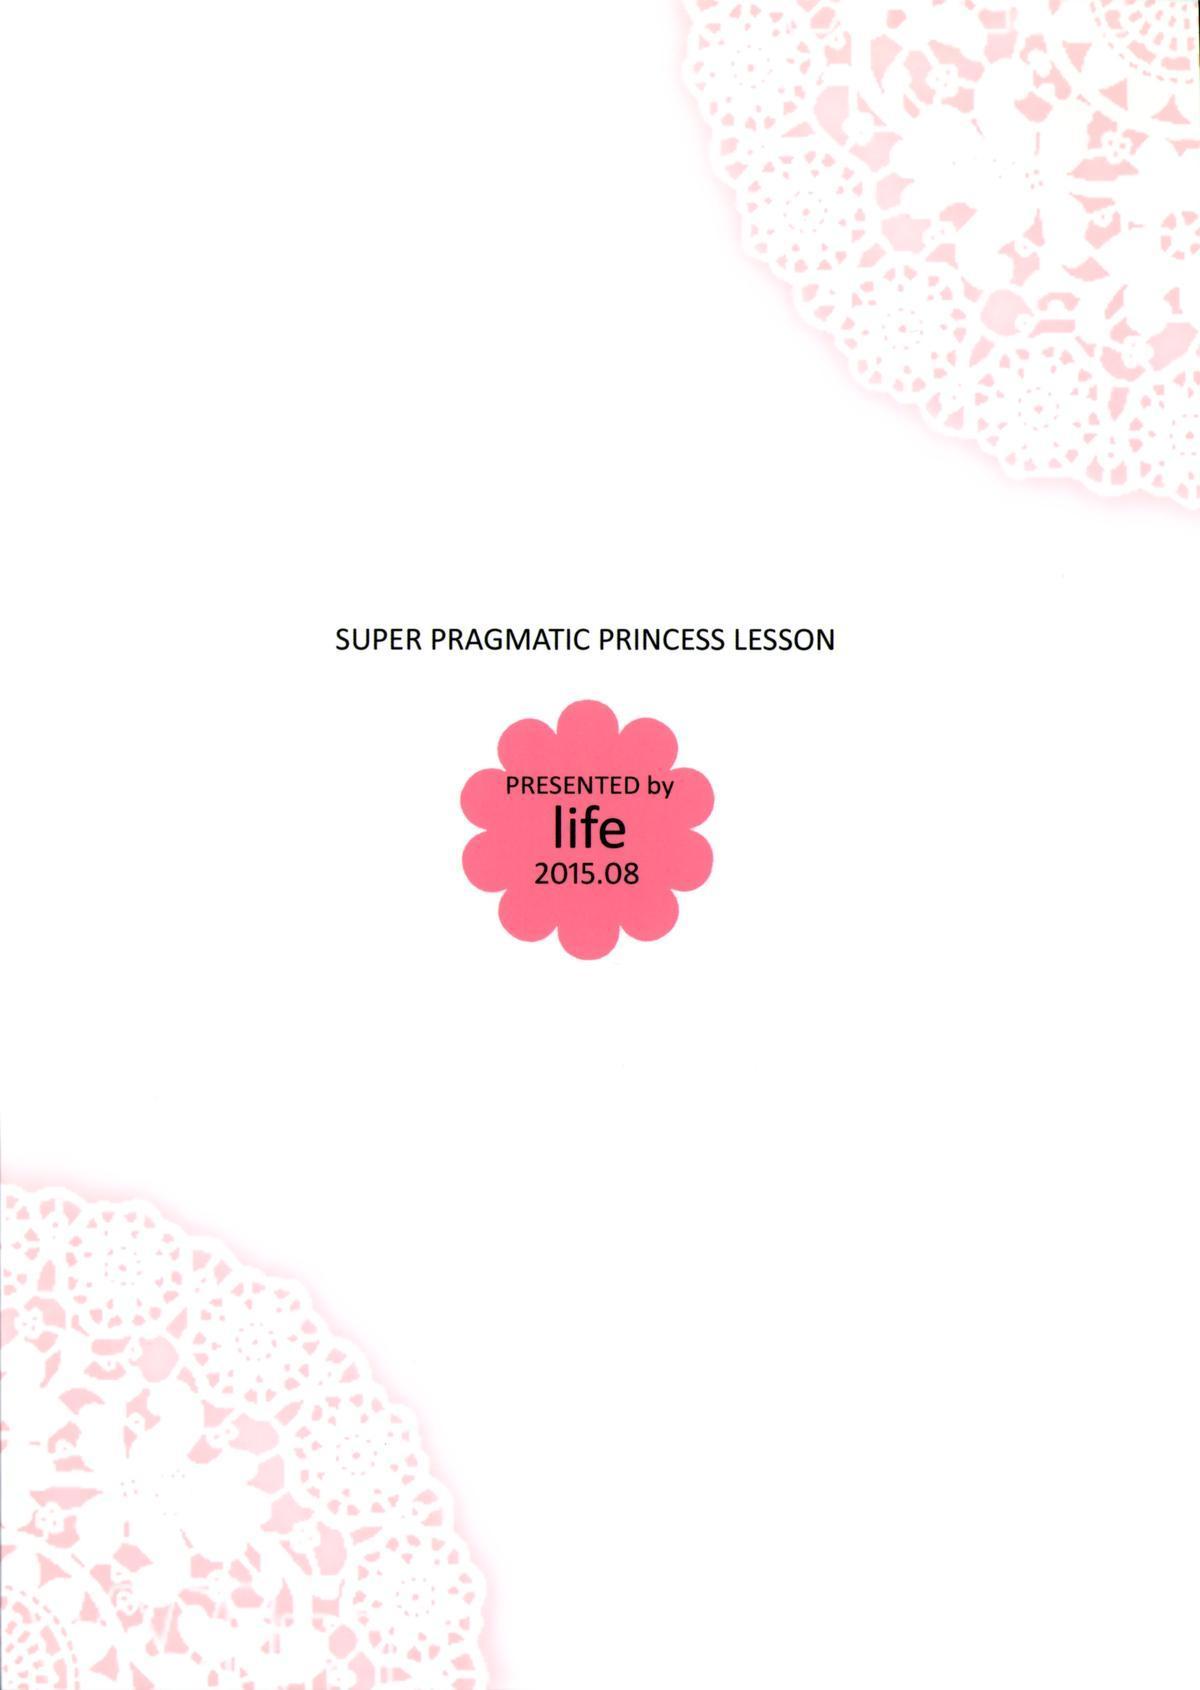 Chou Jissenteki Princess Lesson   Super Pragmatic Princess Lesson 26